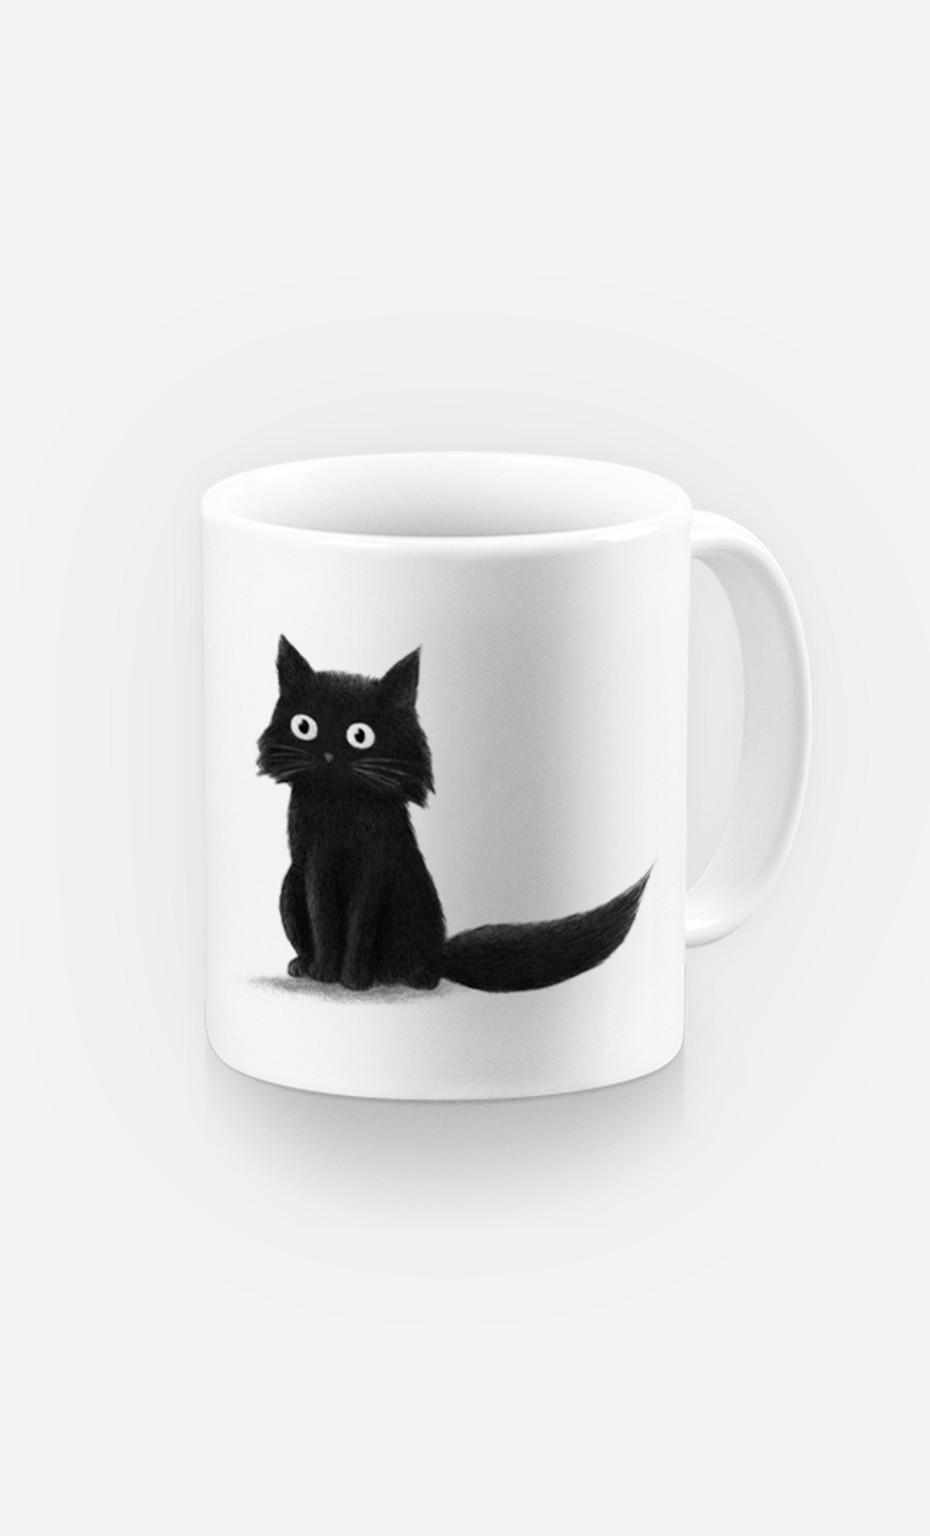 Mug Sitting Cat